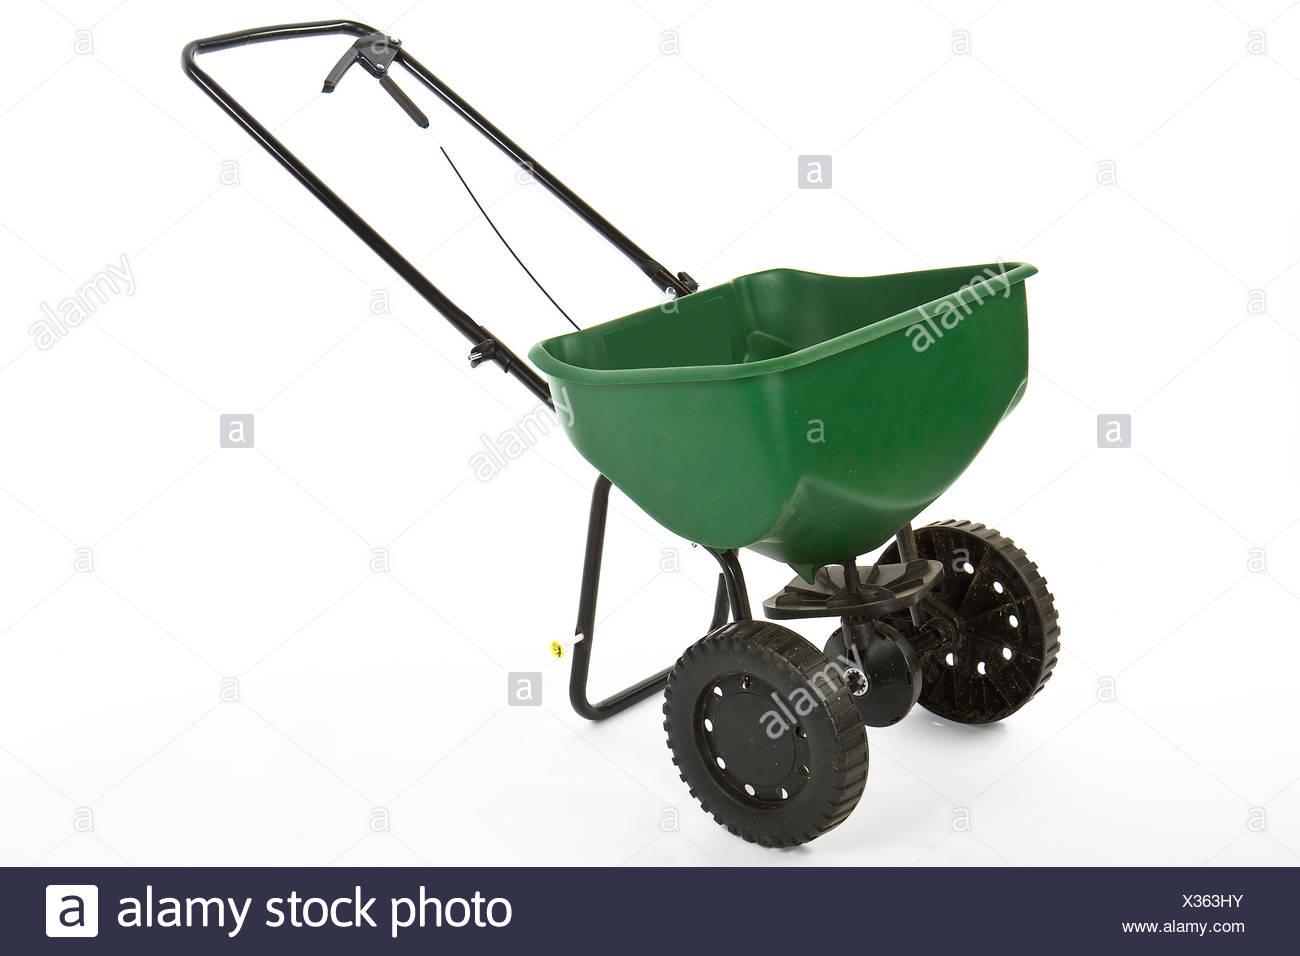 garden grow spreader - Stock Image